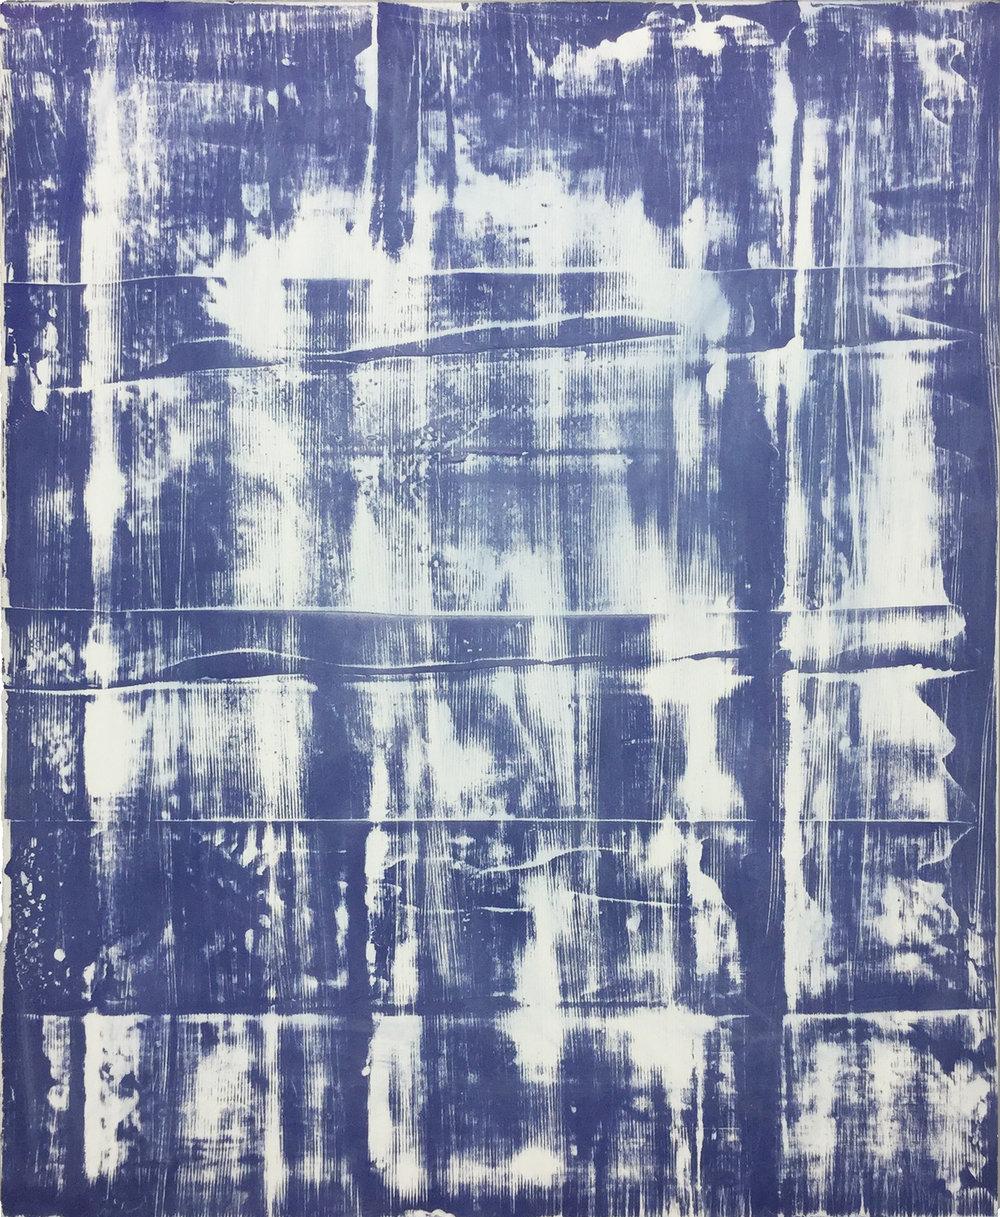 """Pierre Julien,  Offcut 02 , 2017, plâtre et acrylique sur gypse, 76 x 61 cm (30"""" x 24"""")"""